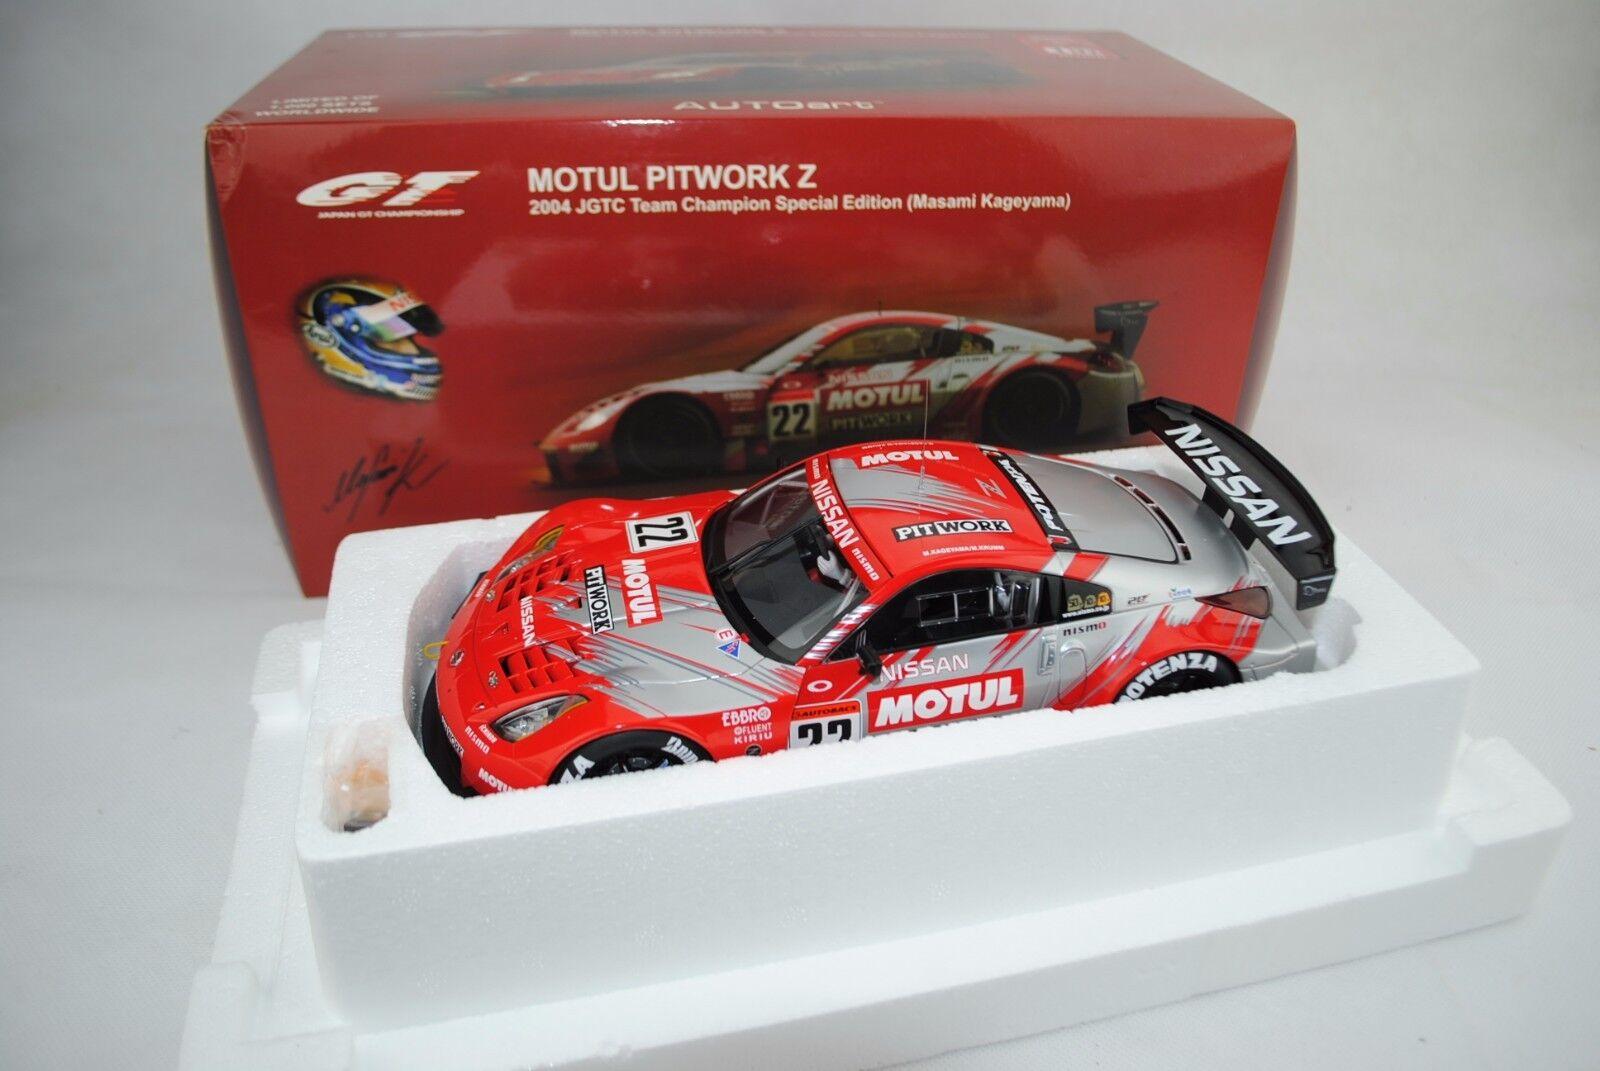 1 18 Autoart Nissan Motul Pitwork Z 2004 Jgtc   22 avec driver figurine lmt.1000    prix les plus bas